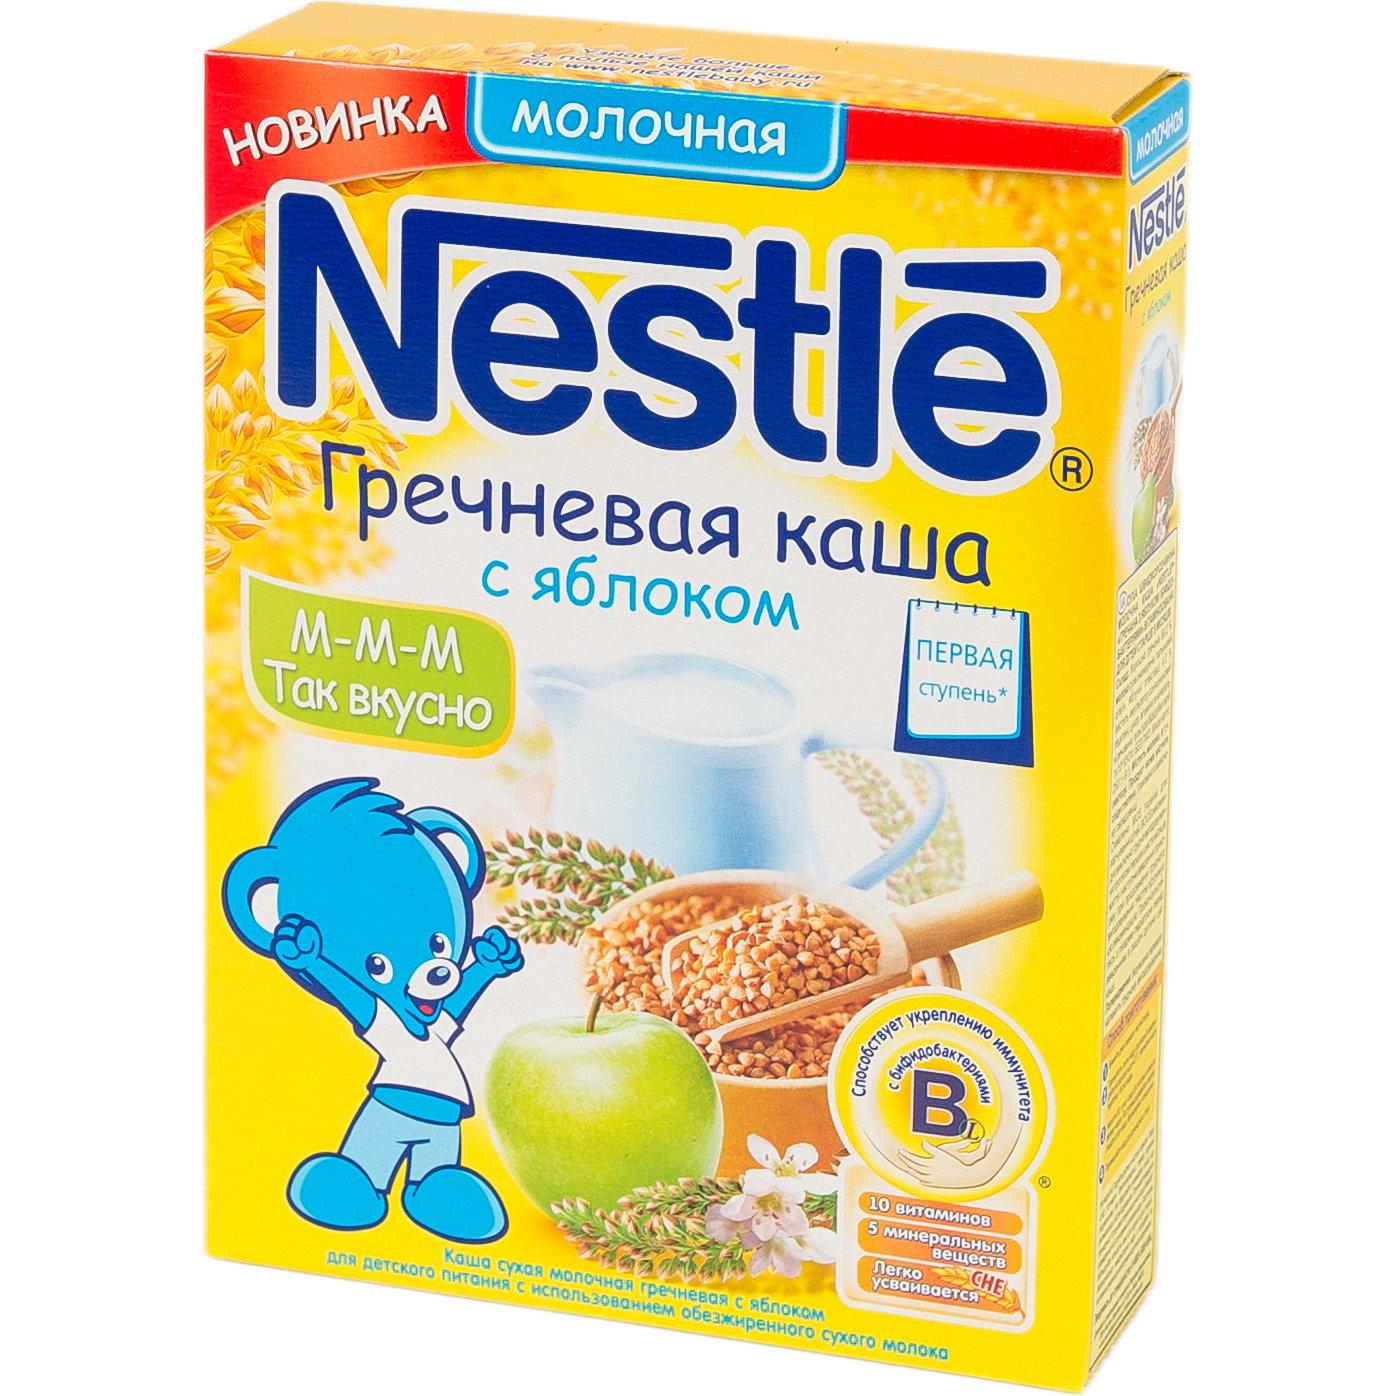 Каша Nestle молочная 250 гр гречневая c яблоком (1 ступень)<br>